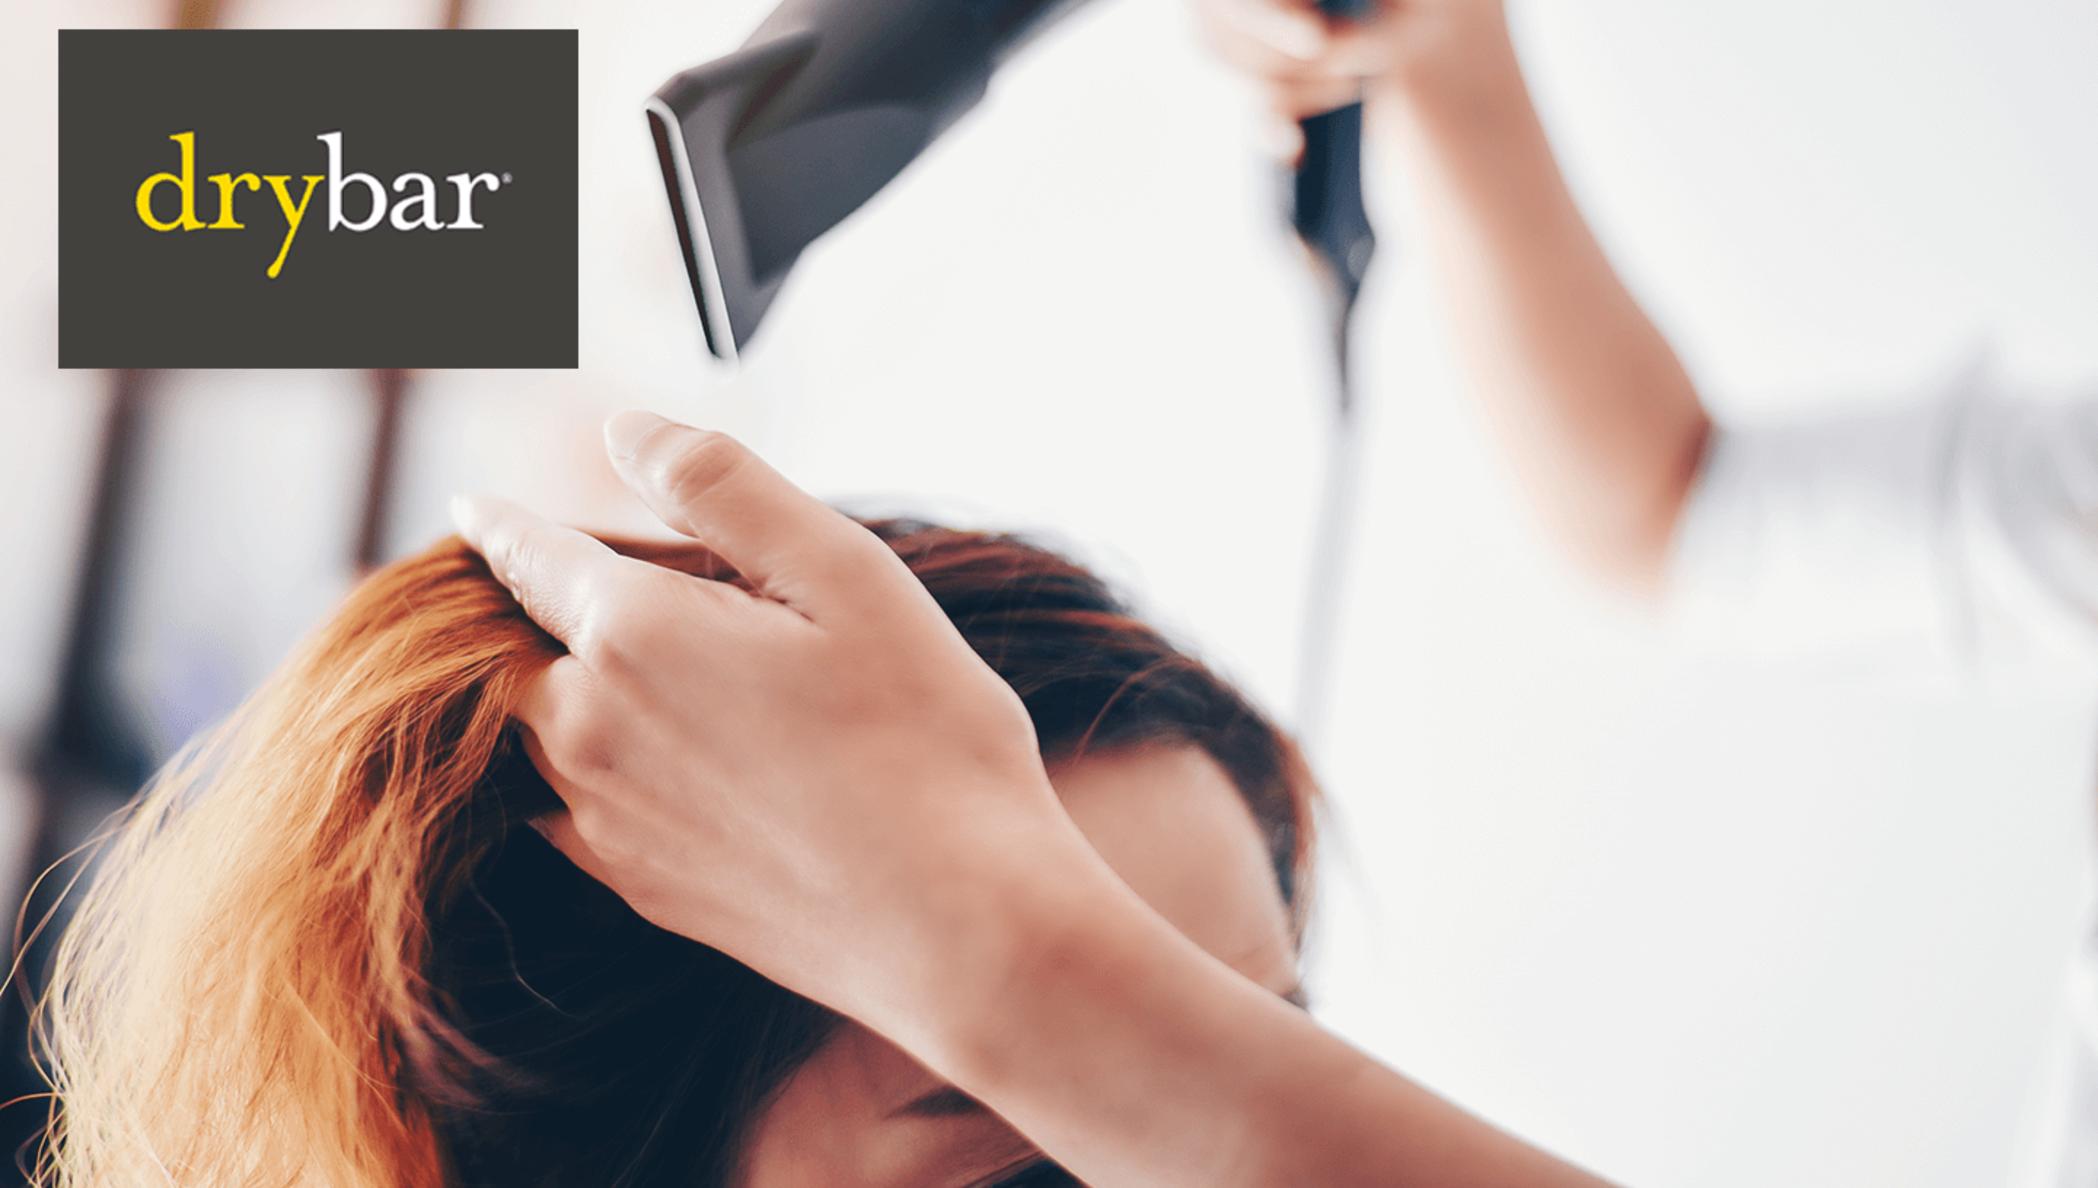 Drybar logo over a woman in a salon chair getting her hair dried.